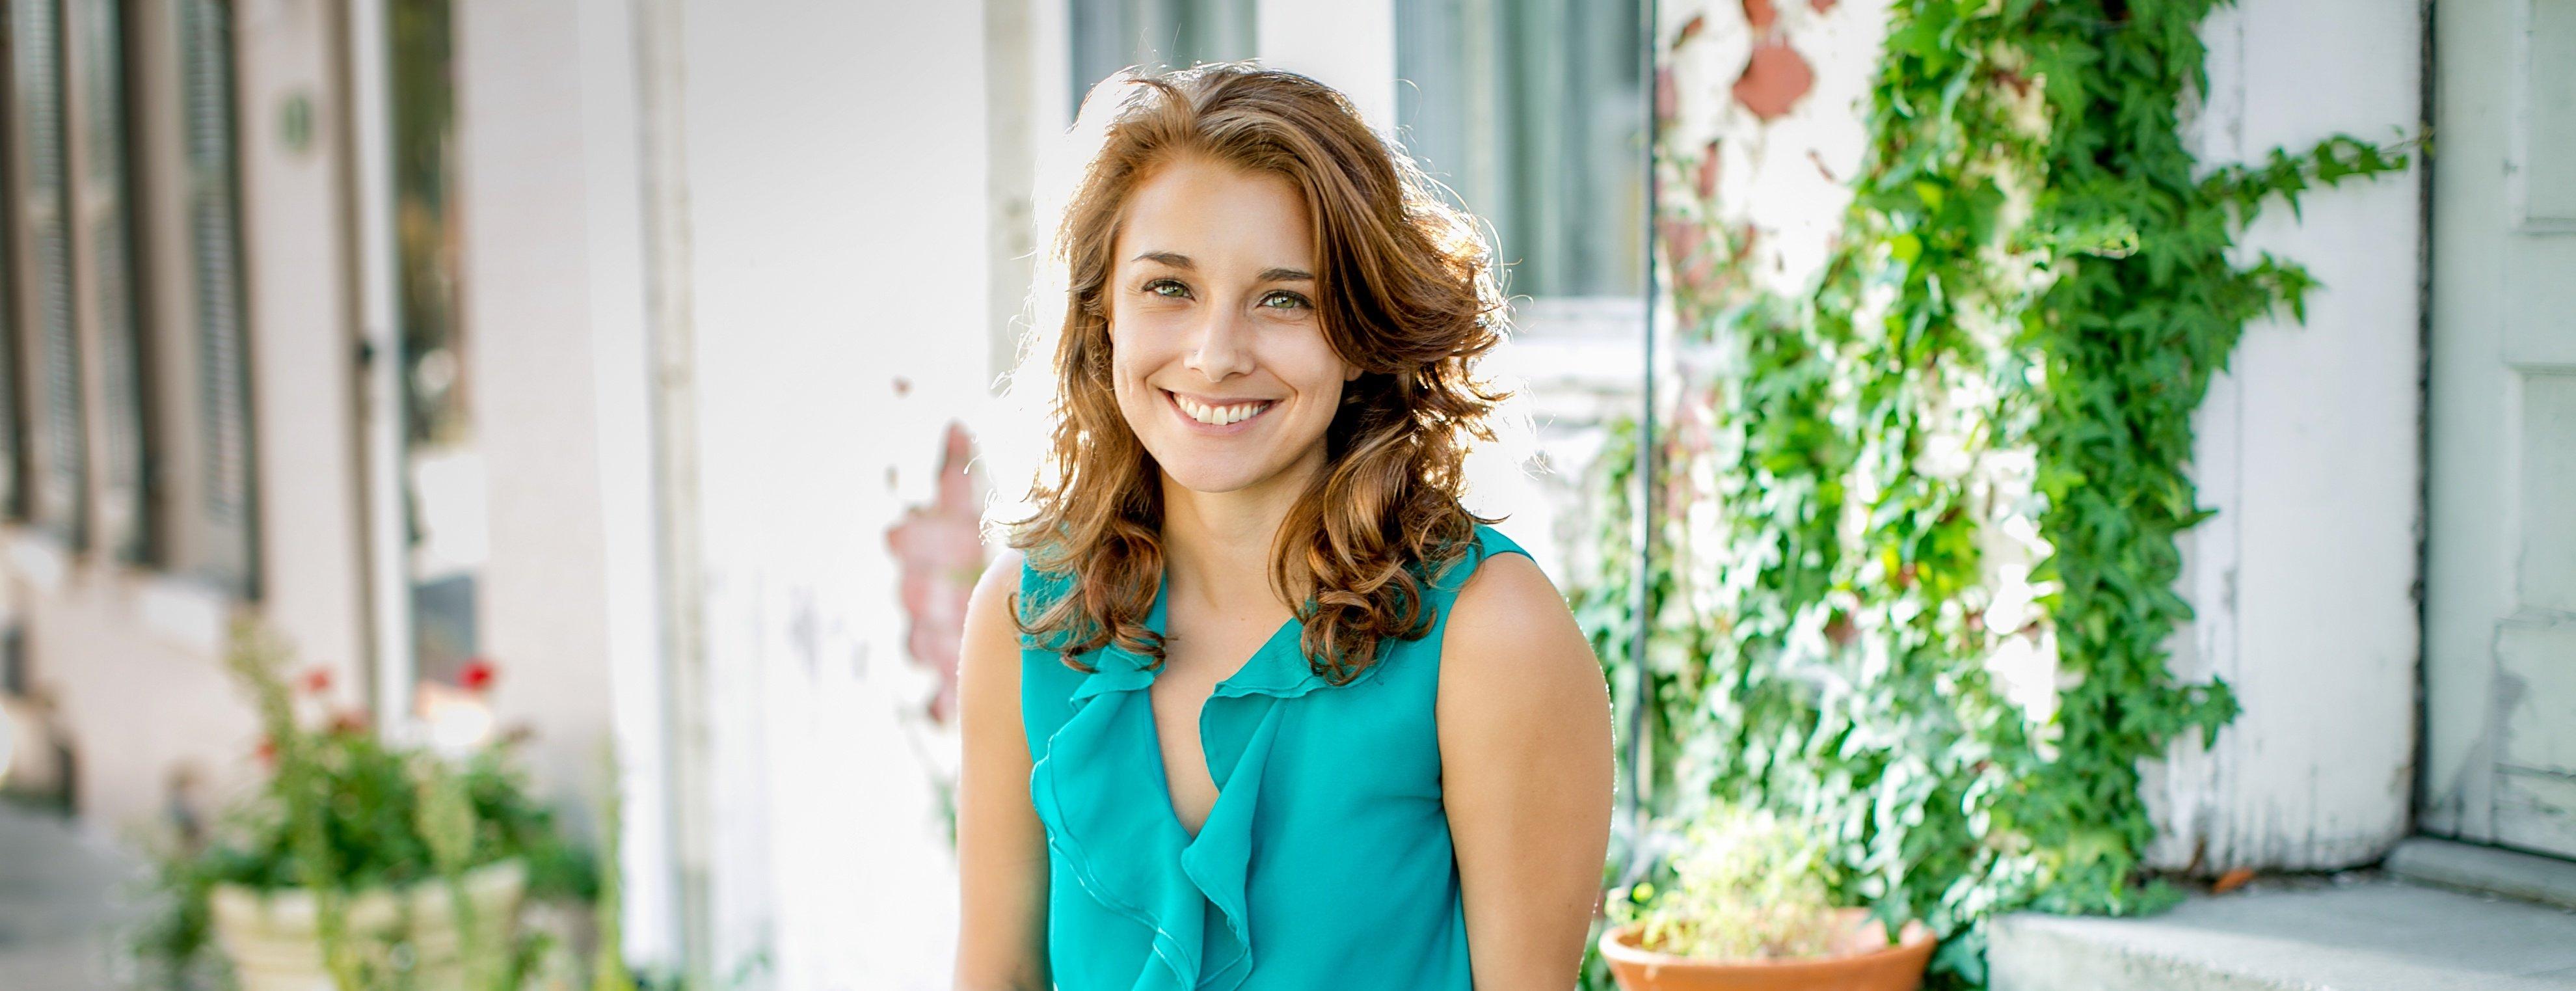 Mira Bragg, Inbound Marketing Coordinator, Illumine8 Marketing and PR